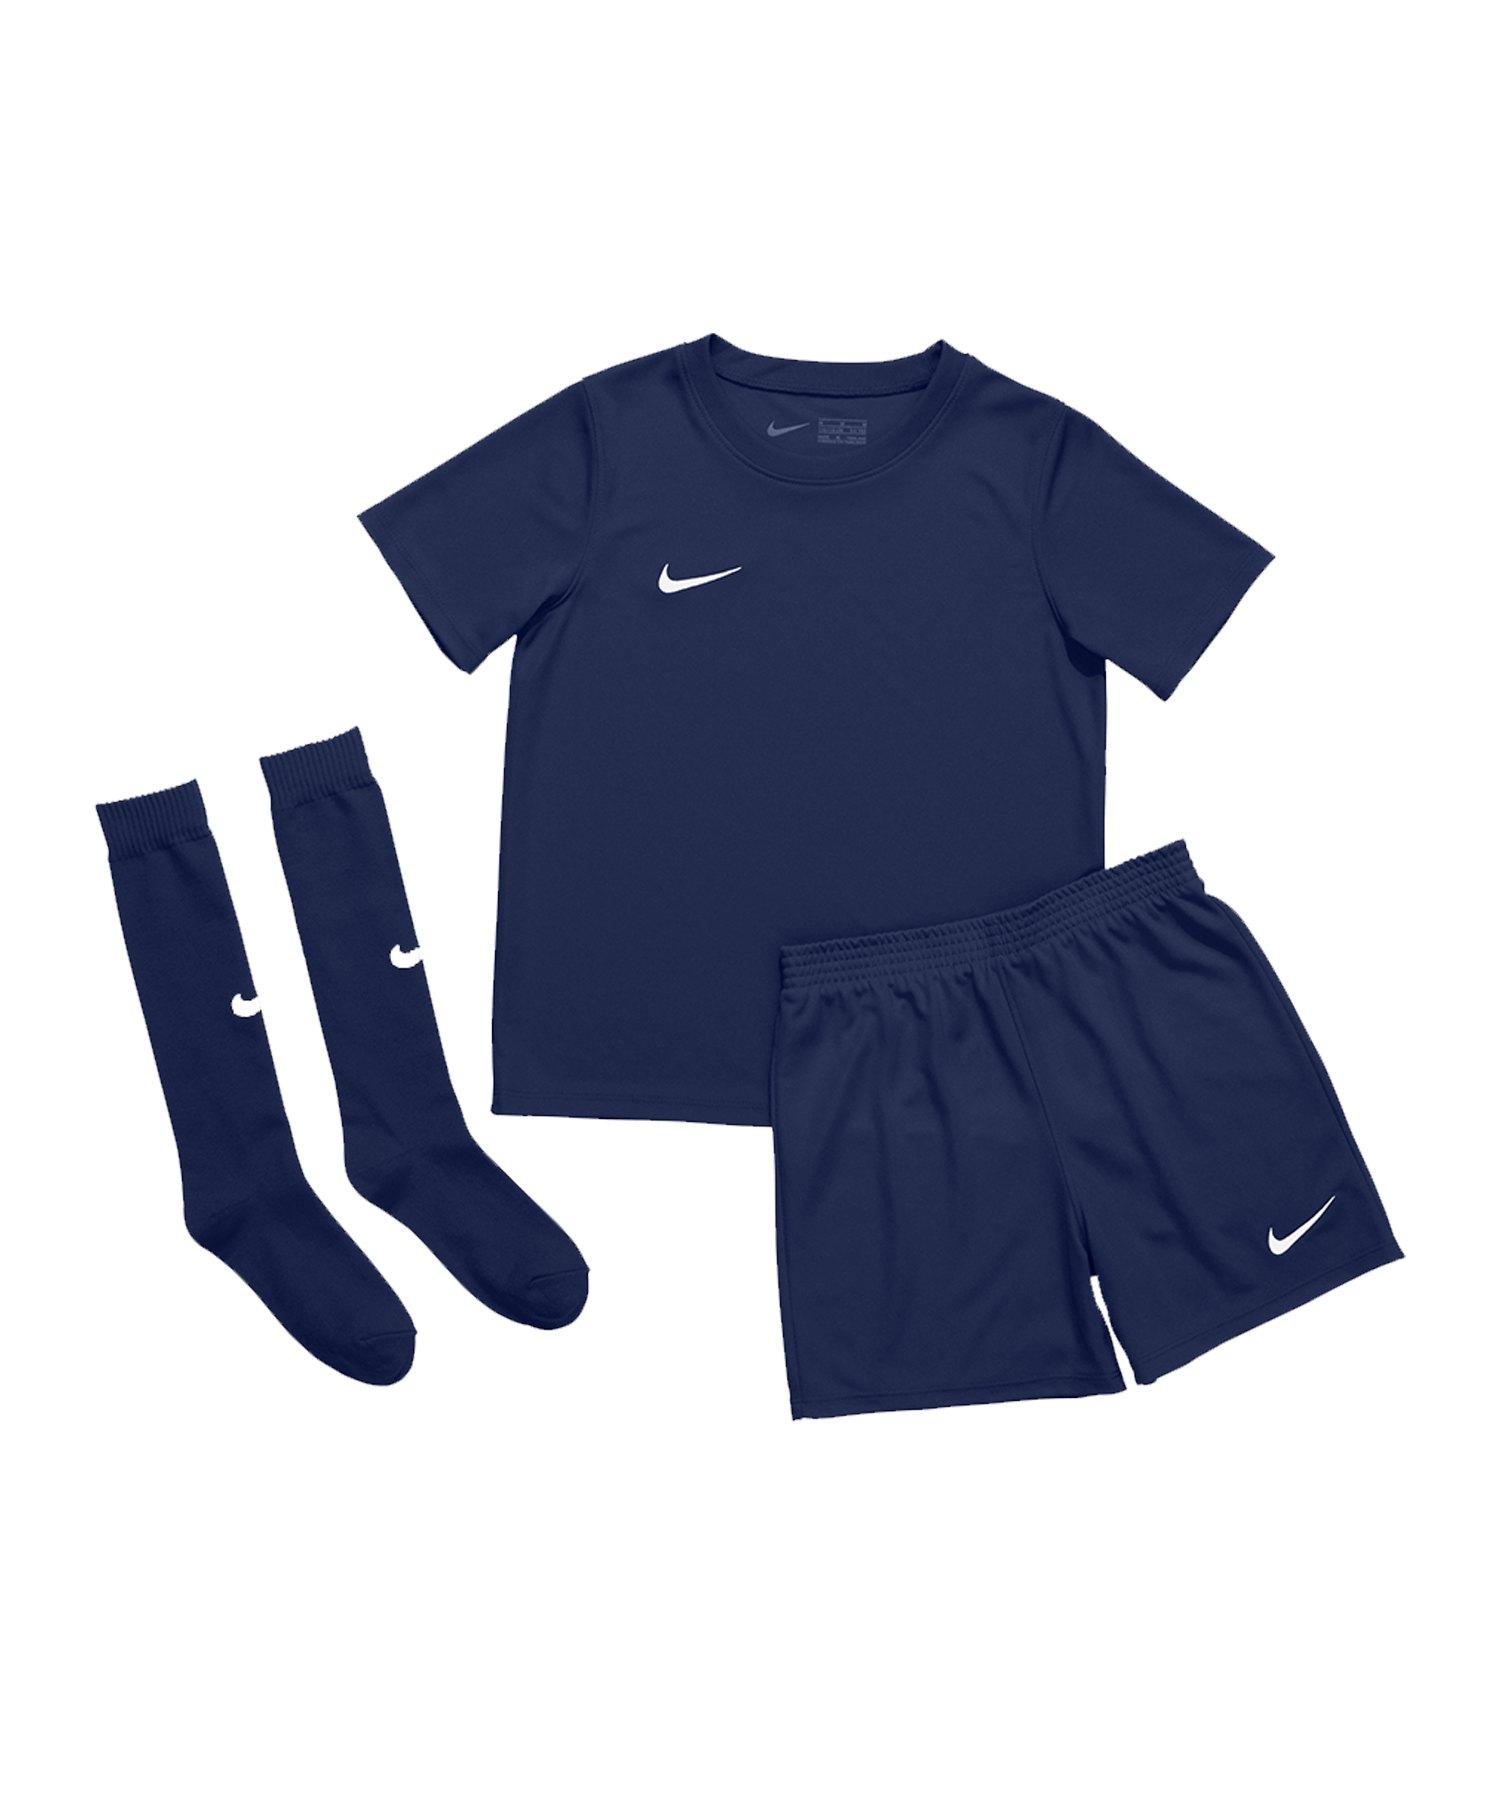 Nike Park 20 Kit Kids Blau F410 - blau